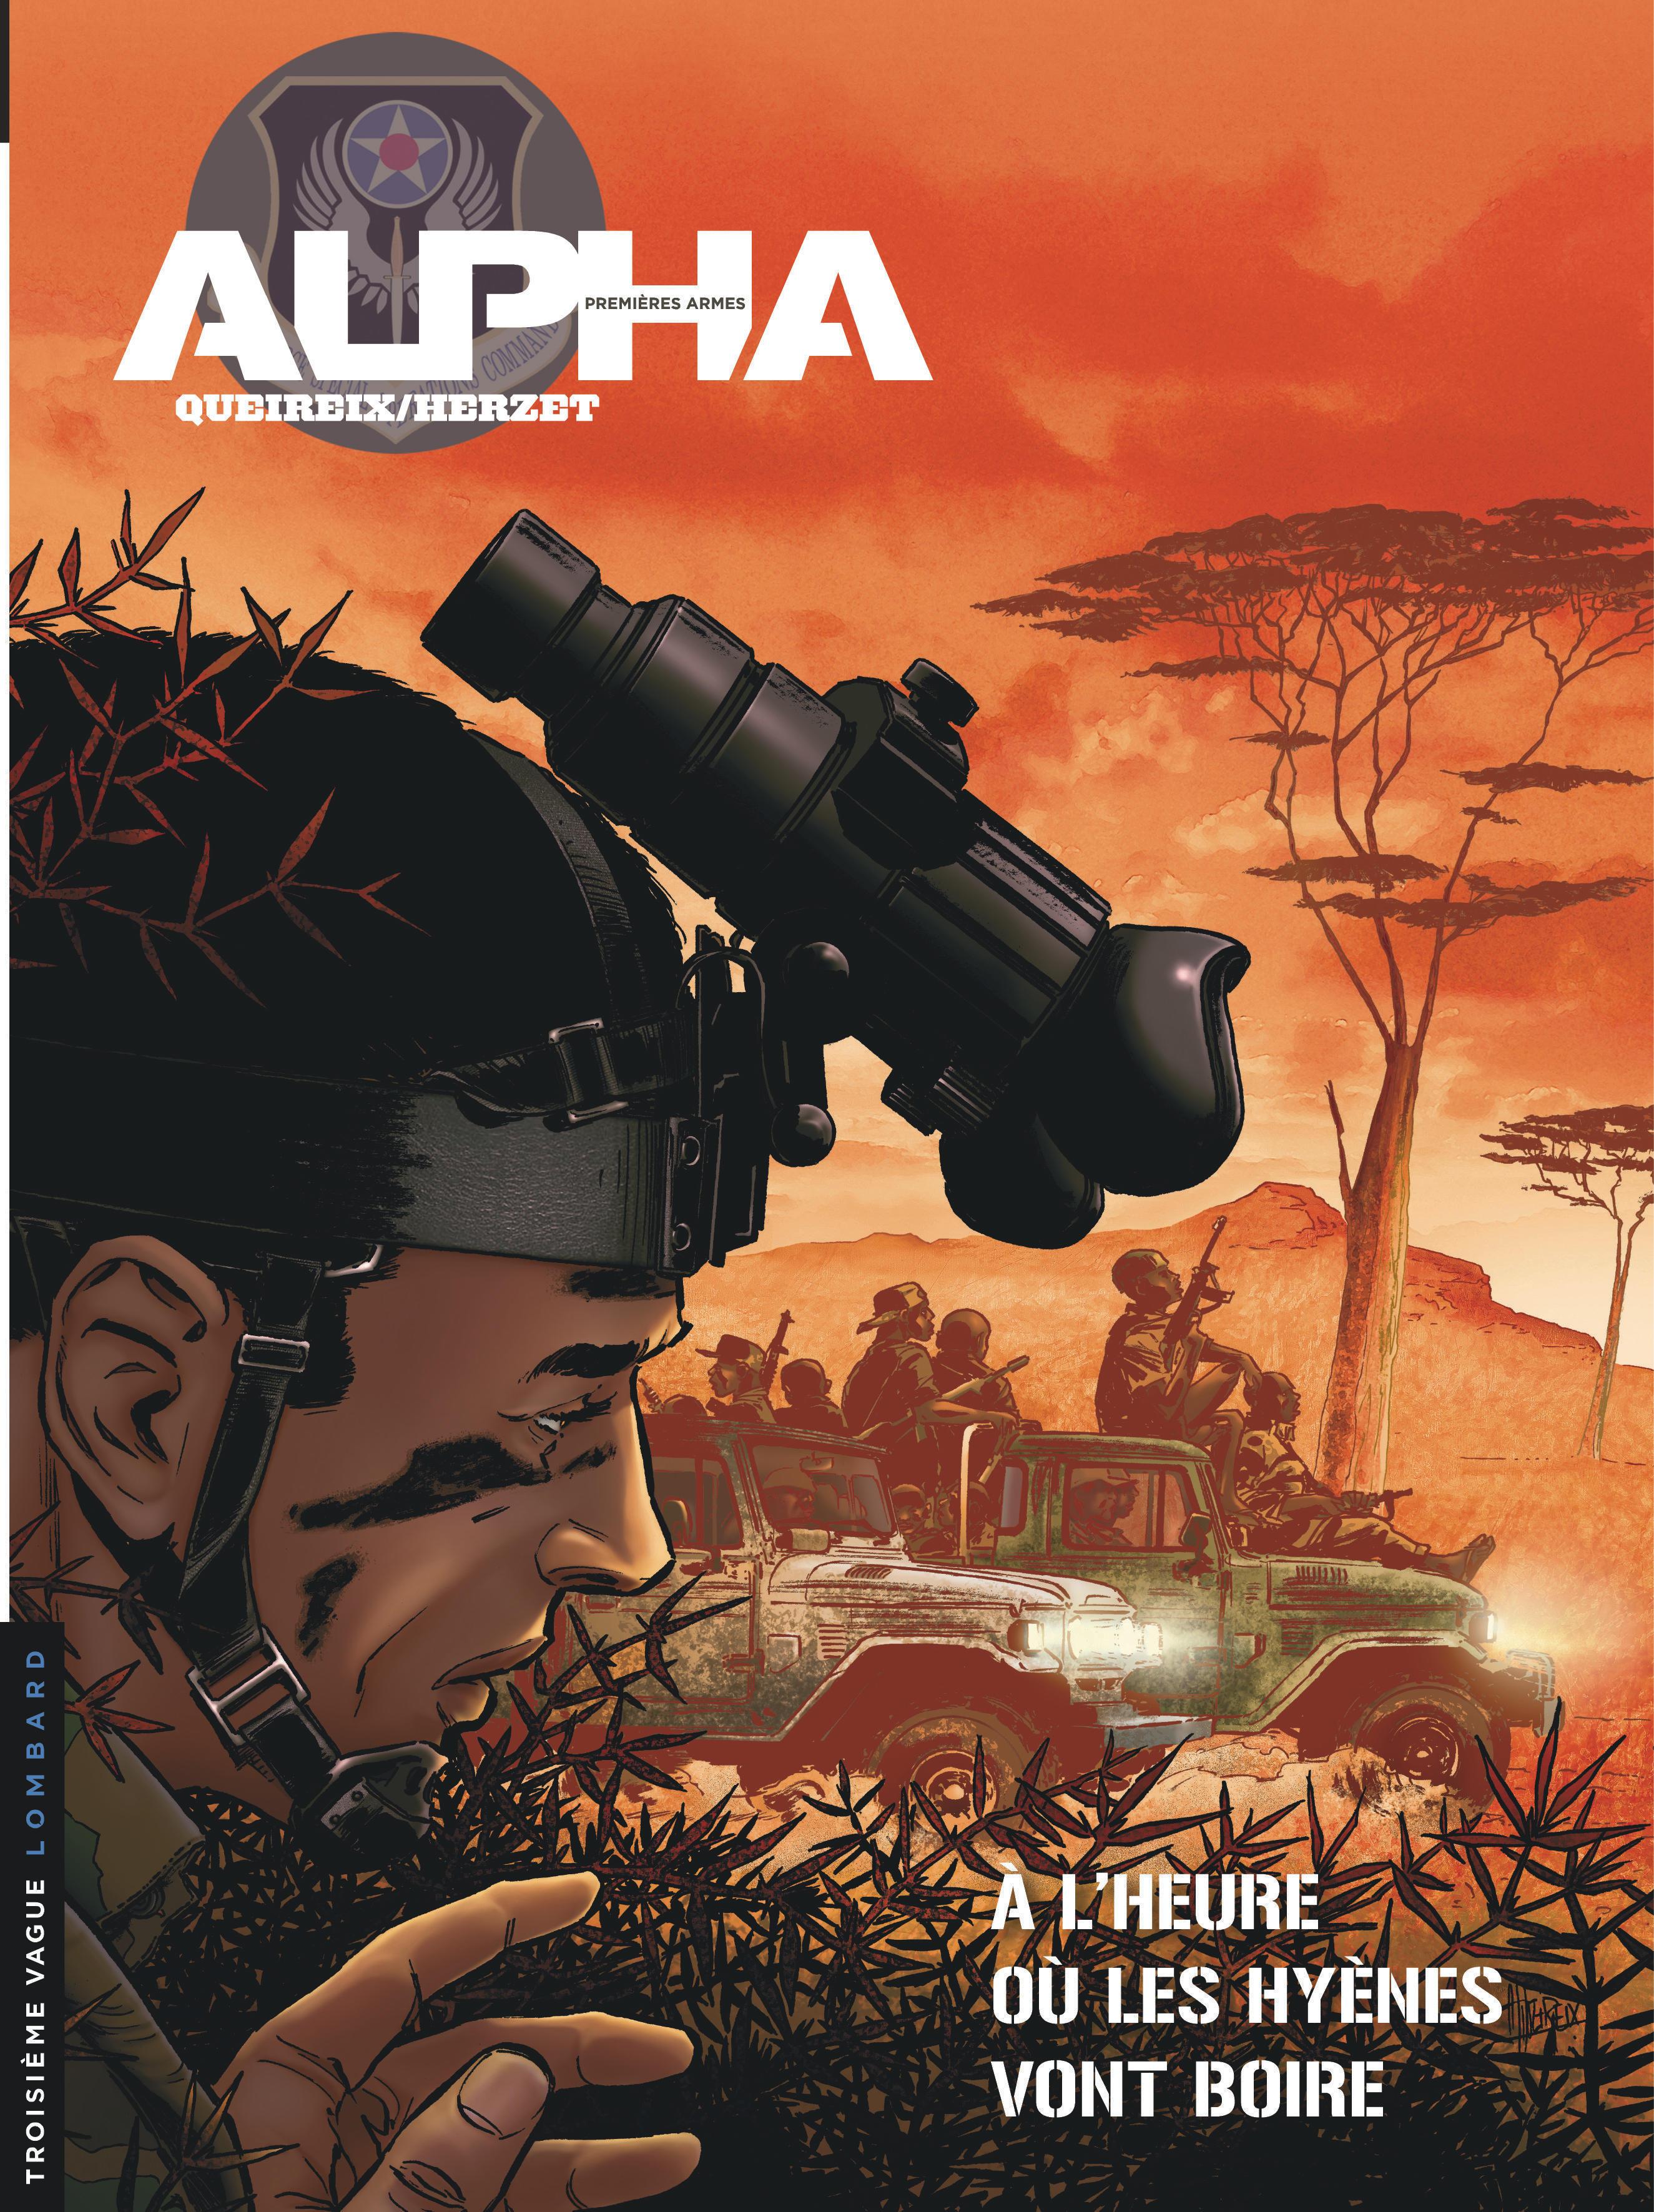 ALPHA PREMIERES ARMES T5 ALPHA (PREMIERES ARMES) - TOME 5 - A L'HEURE OU LES HYENES VONT BOIRE